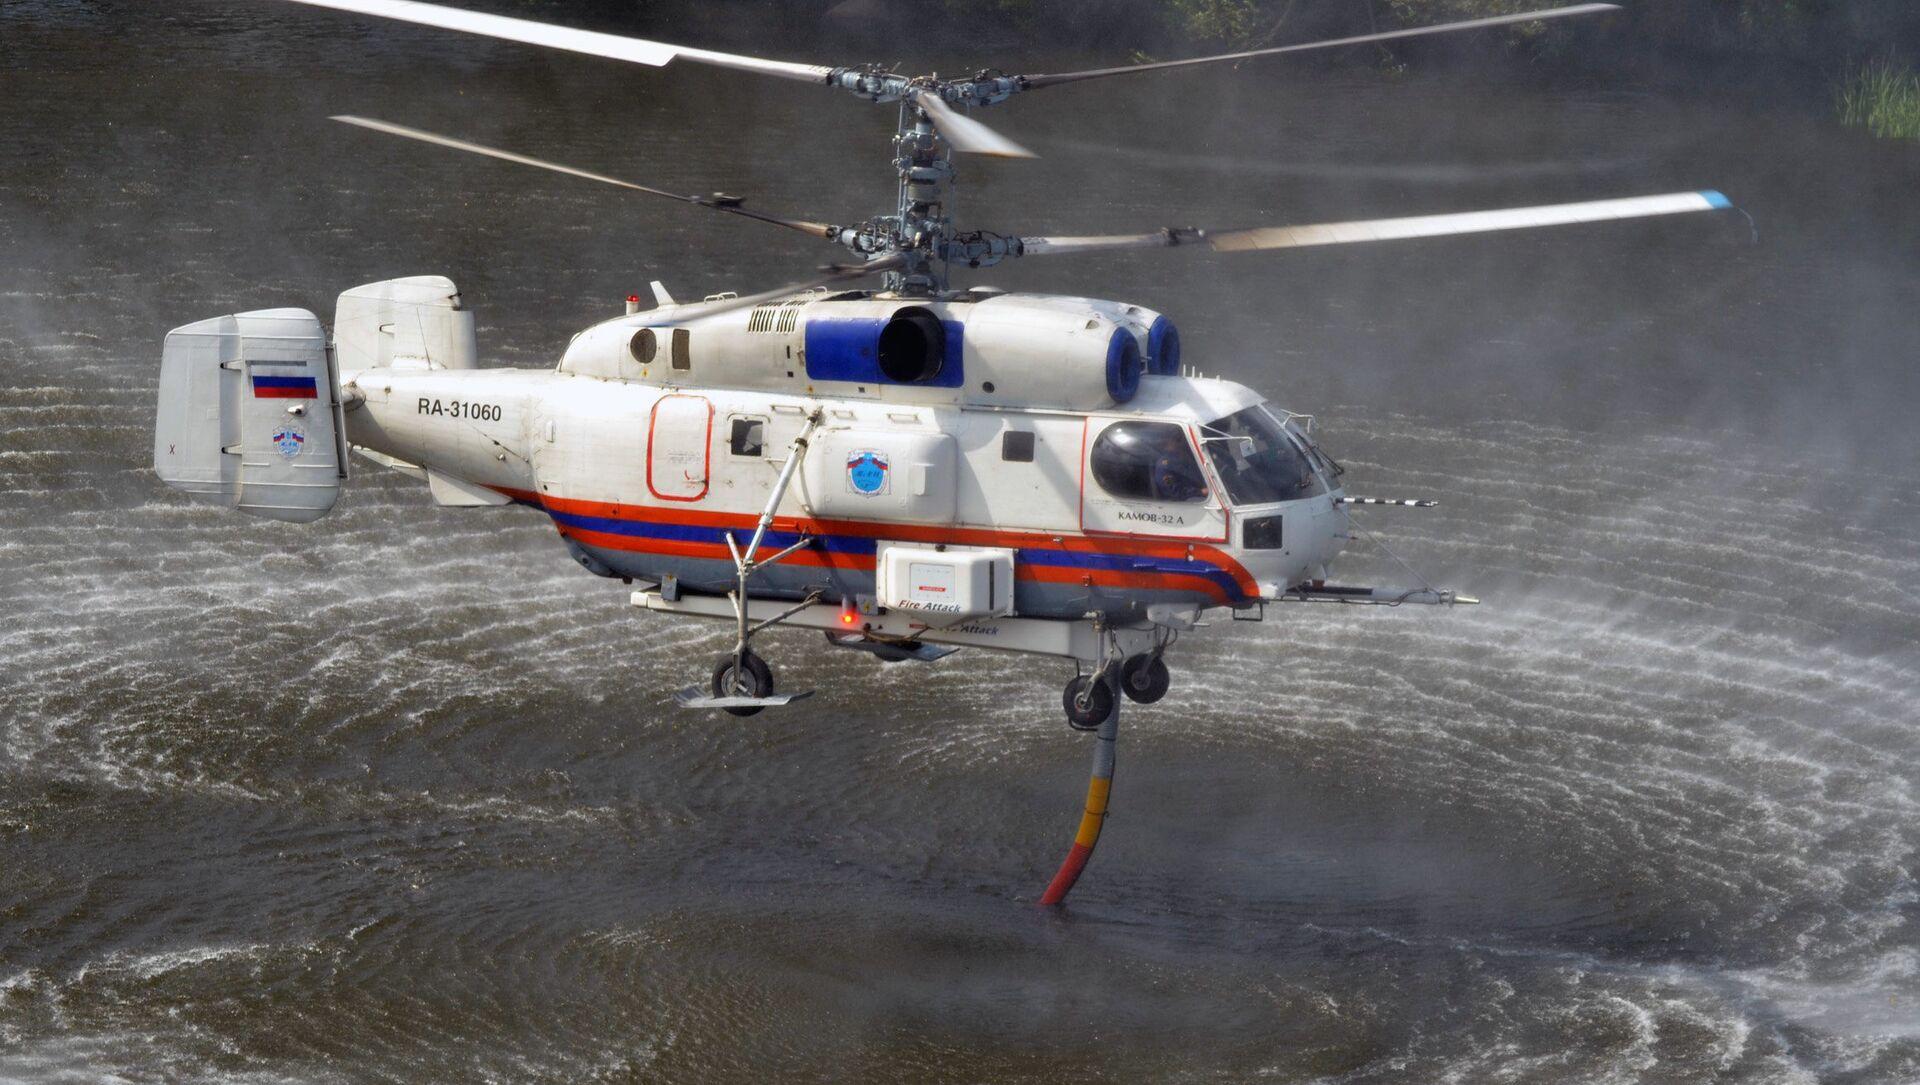 Мrtulník Ka-32 Ministerstva pro civilní obranu, mimořádné situace a likvidaci následků živelných pohrom RF (MČS). Ilustrační foto - Sputnik Česká republika, 1920, 26.03.2021